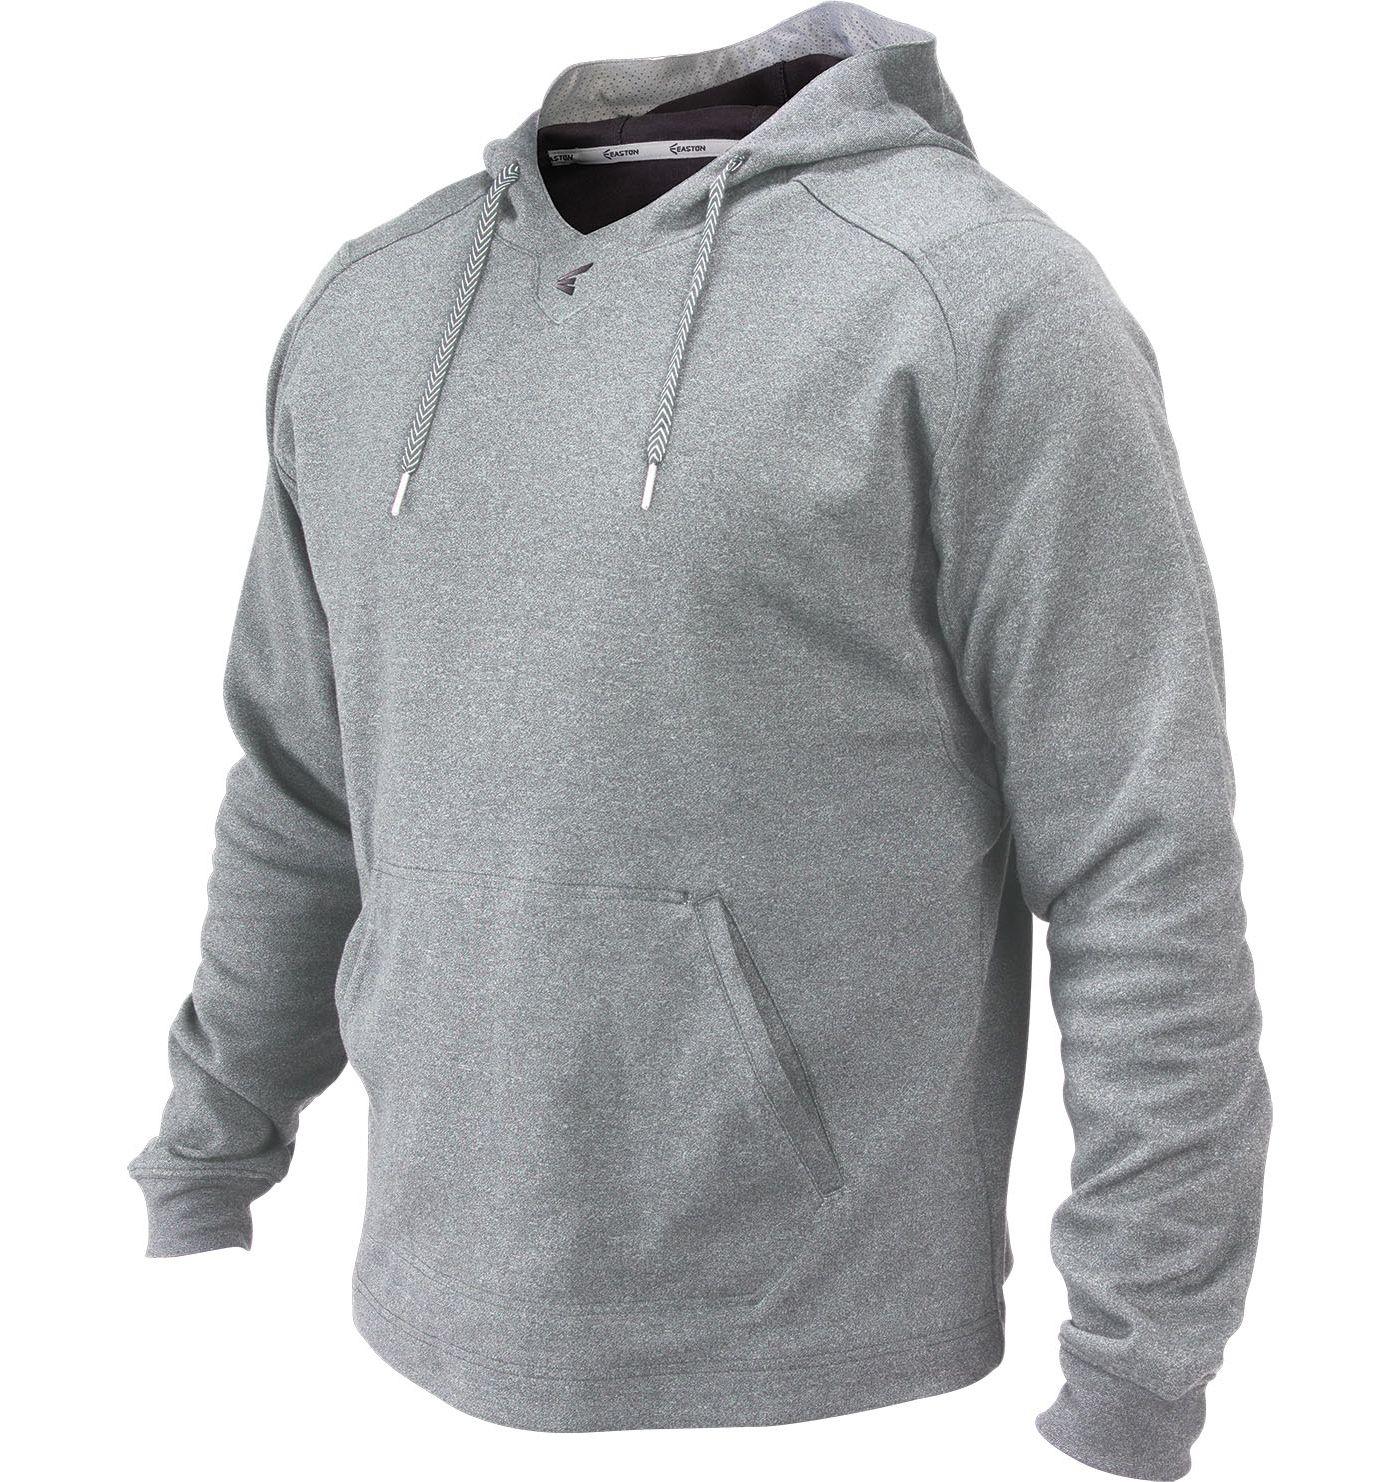 Easton Youth M10 Tech Fleece Hoodie